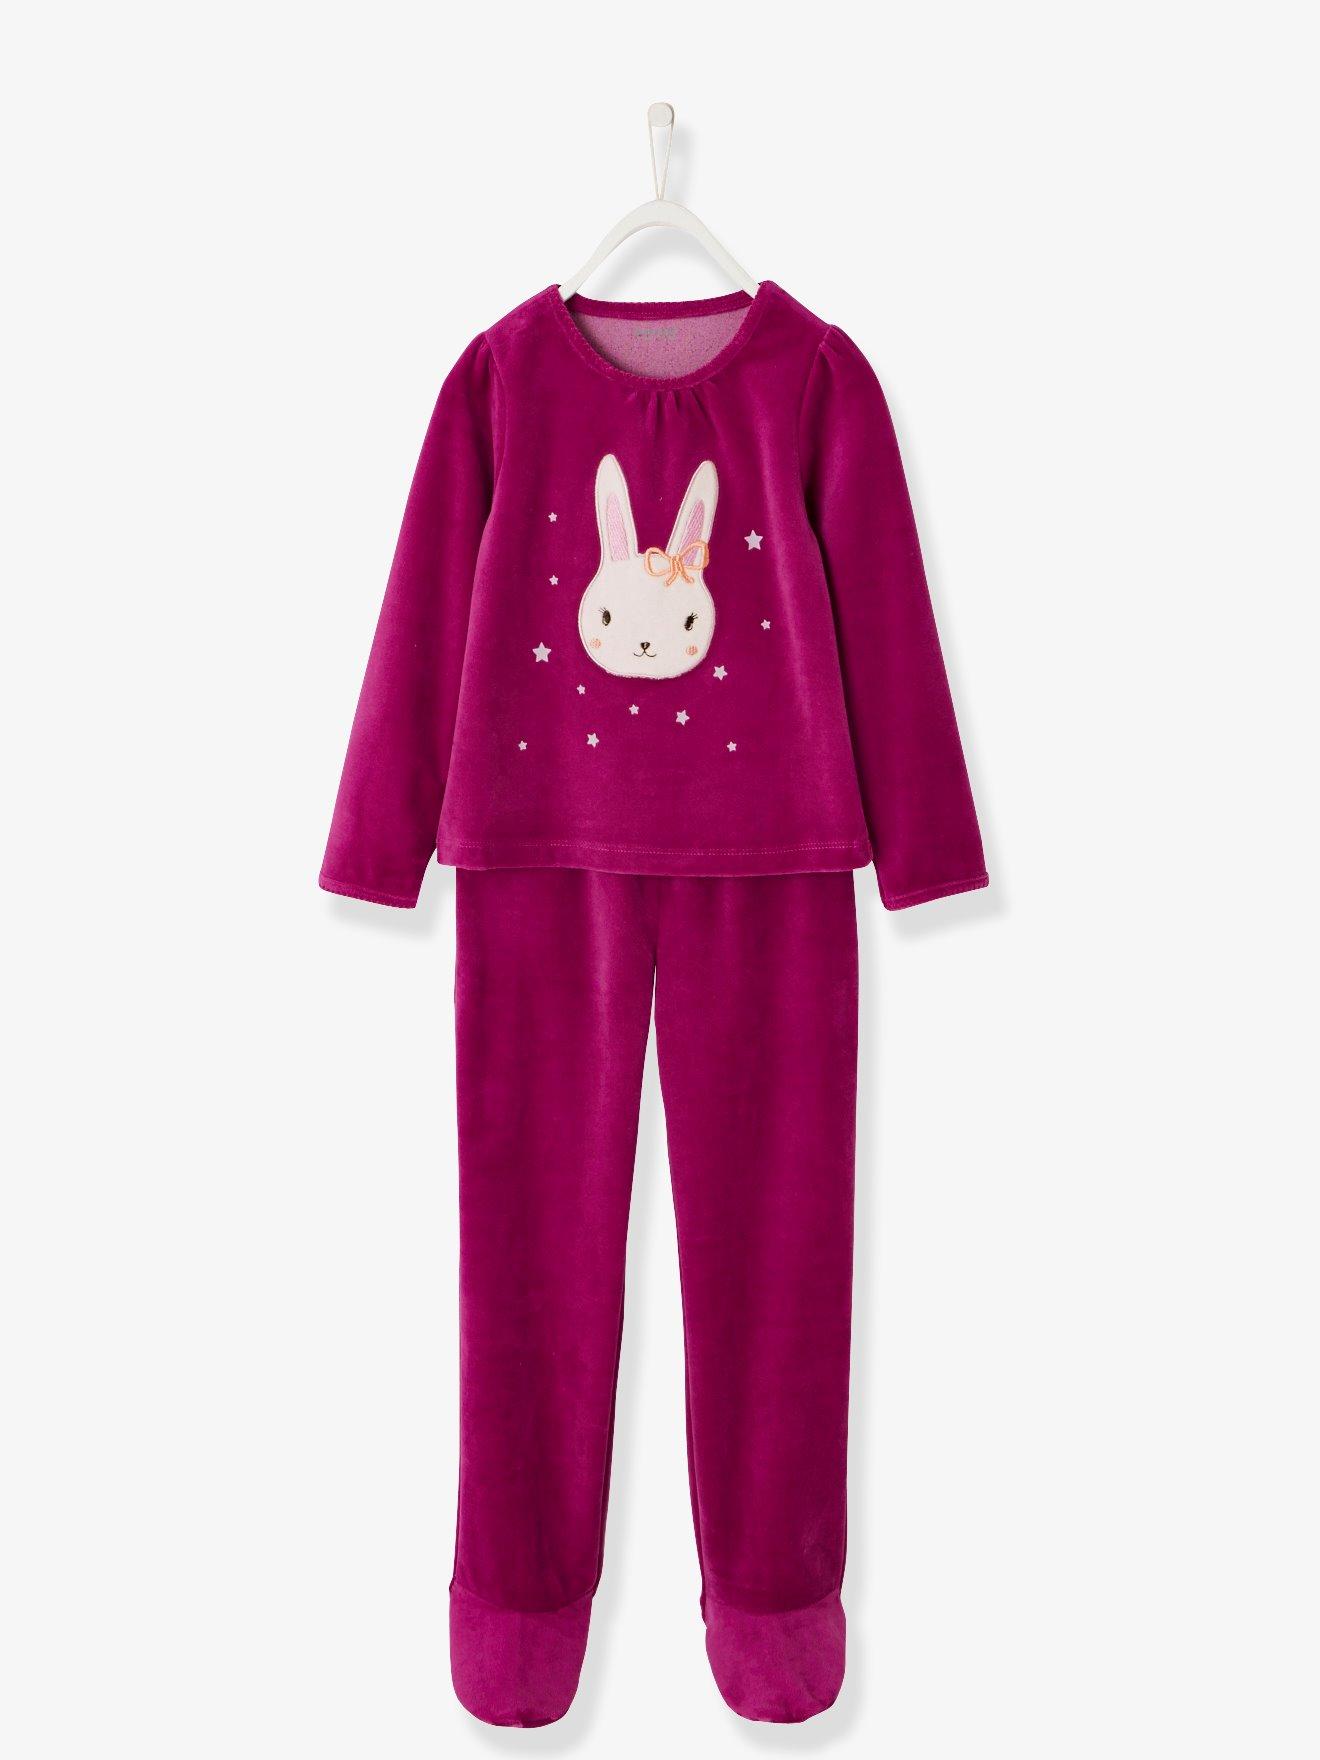 bffaabd12 Pijama de terciopelo con pies niña rosa oscuro liso con motivos